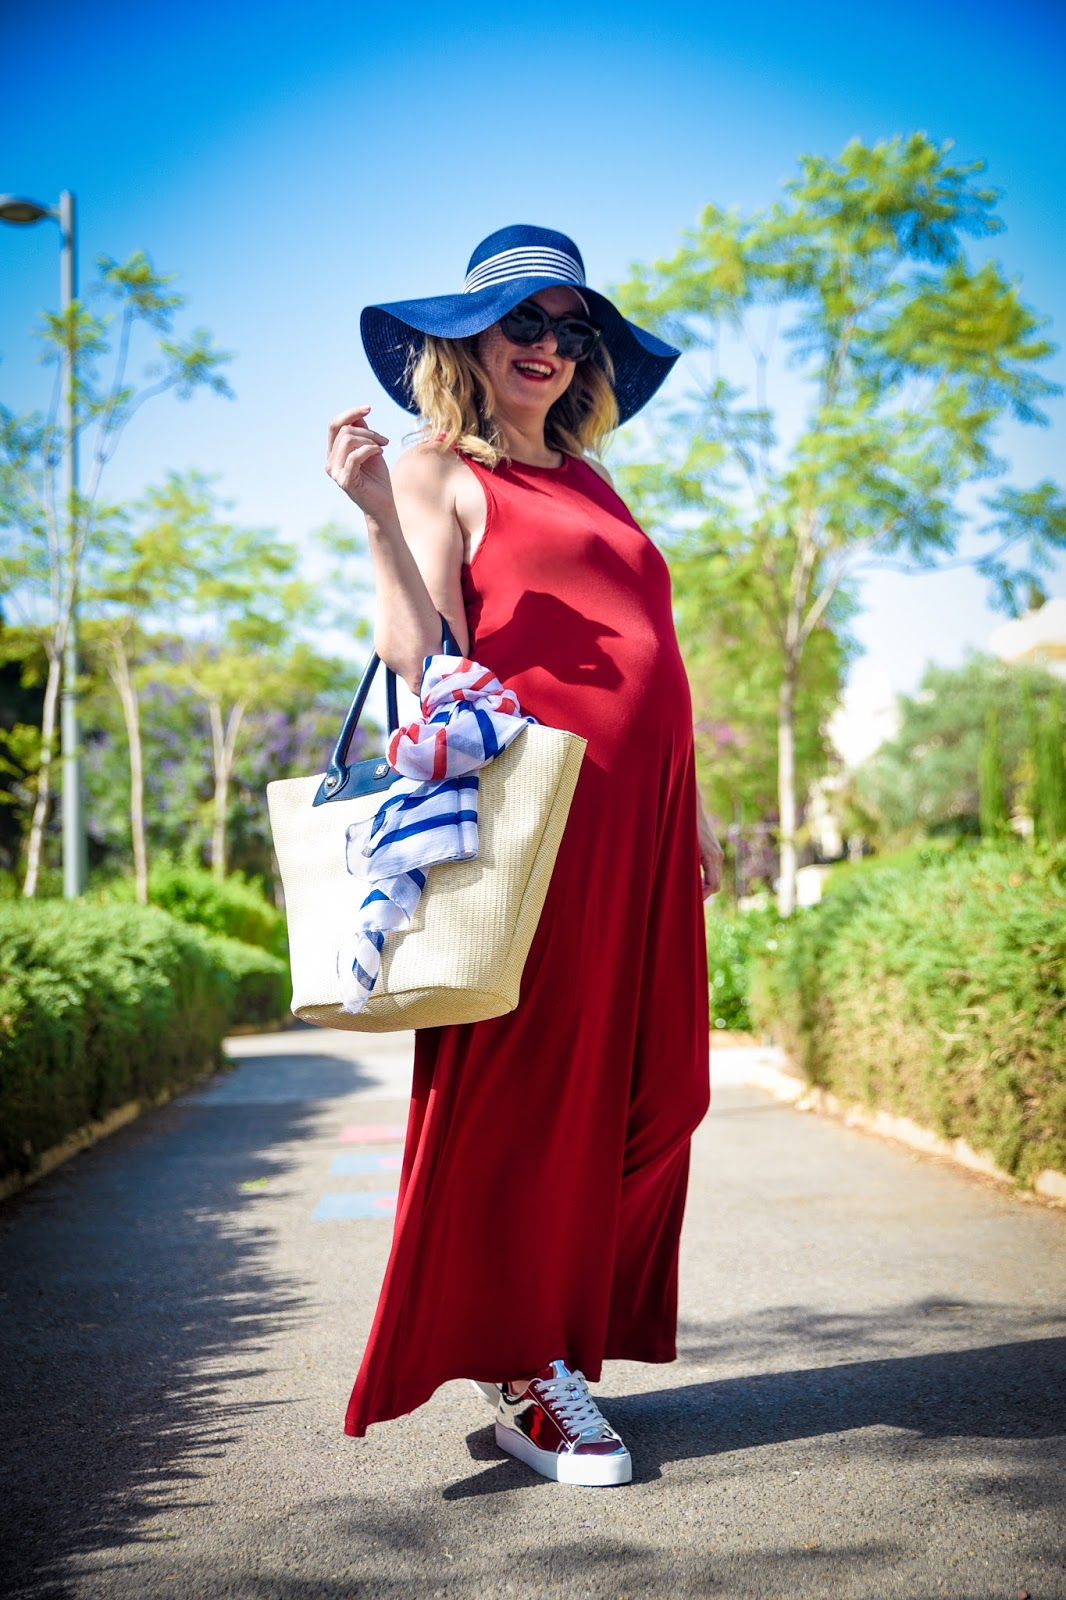 שמלה אדומה, כובע, תיק, נעליים ואביזרים של קסטרו - totall look by castro